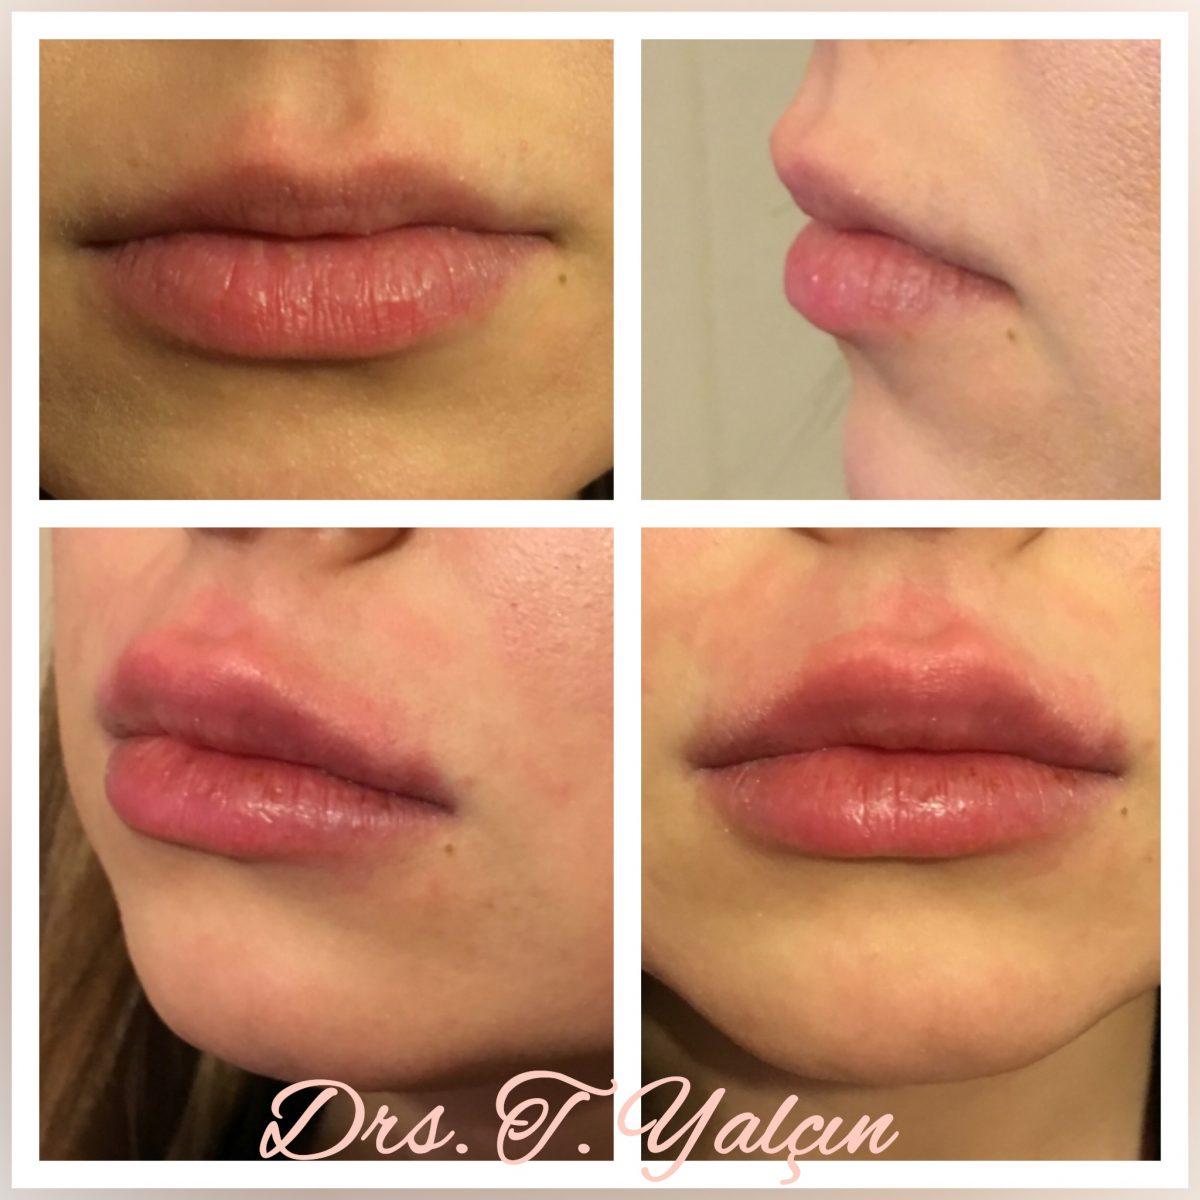 Hartvorm lippen Juvéderm. Zwelling en roodheid trekken weg.